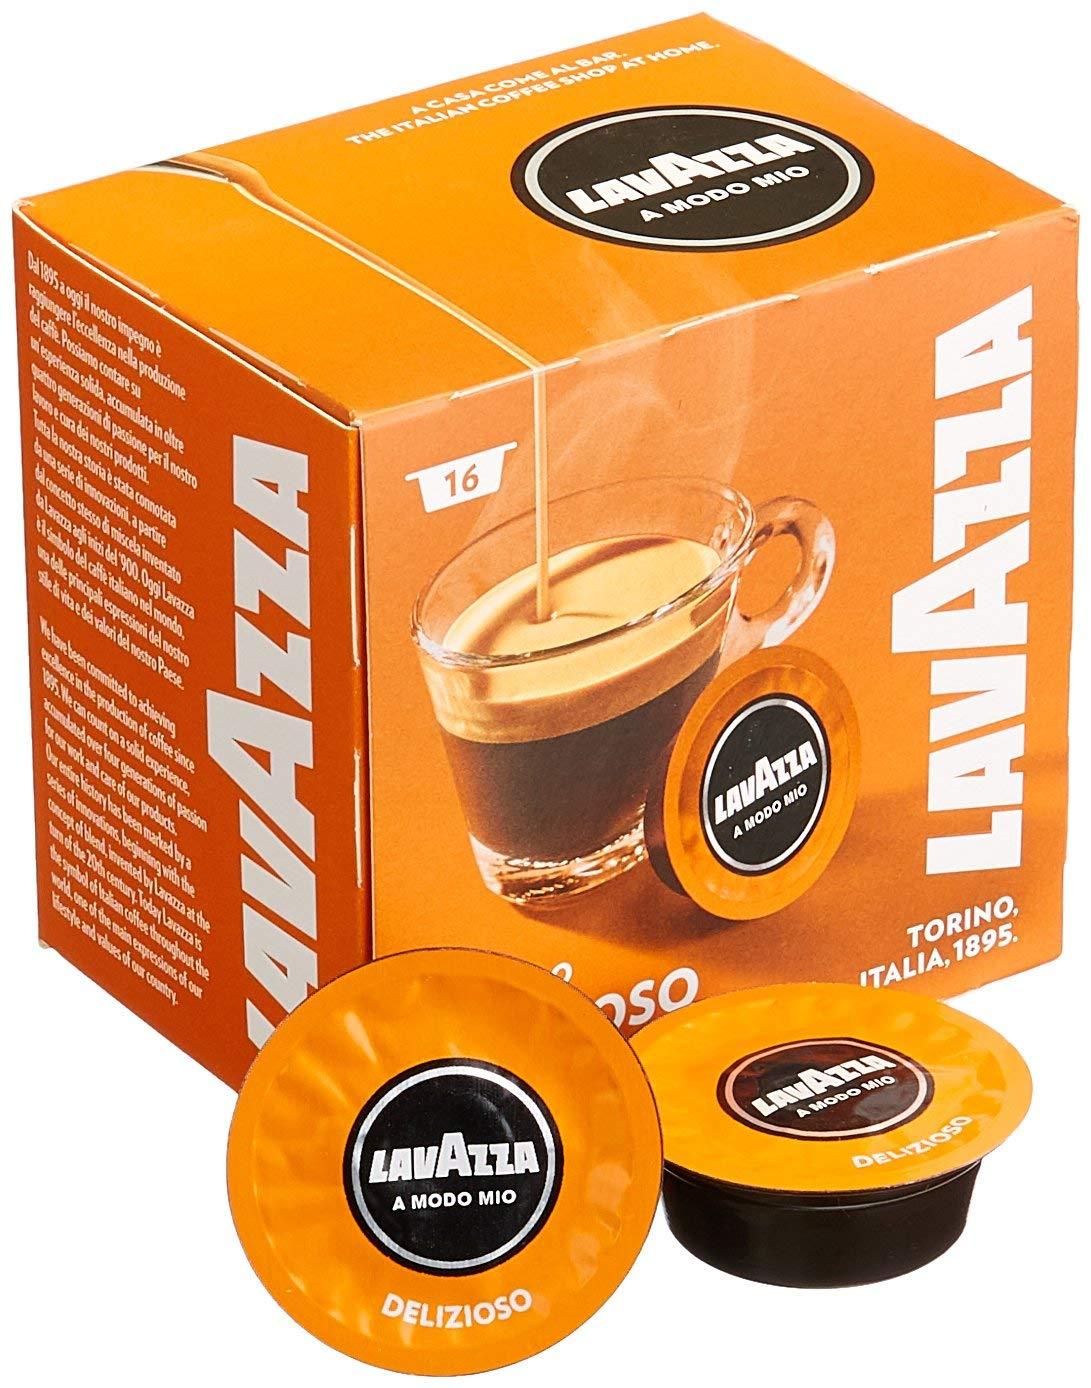 16 קפסולות קפה LAVAZZA A MODO MIO אורגינל תערובת DELIZIOSO- כתום